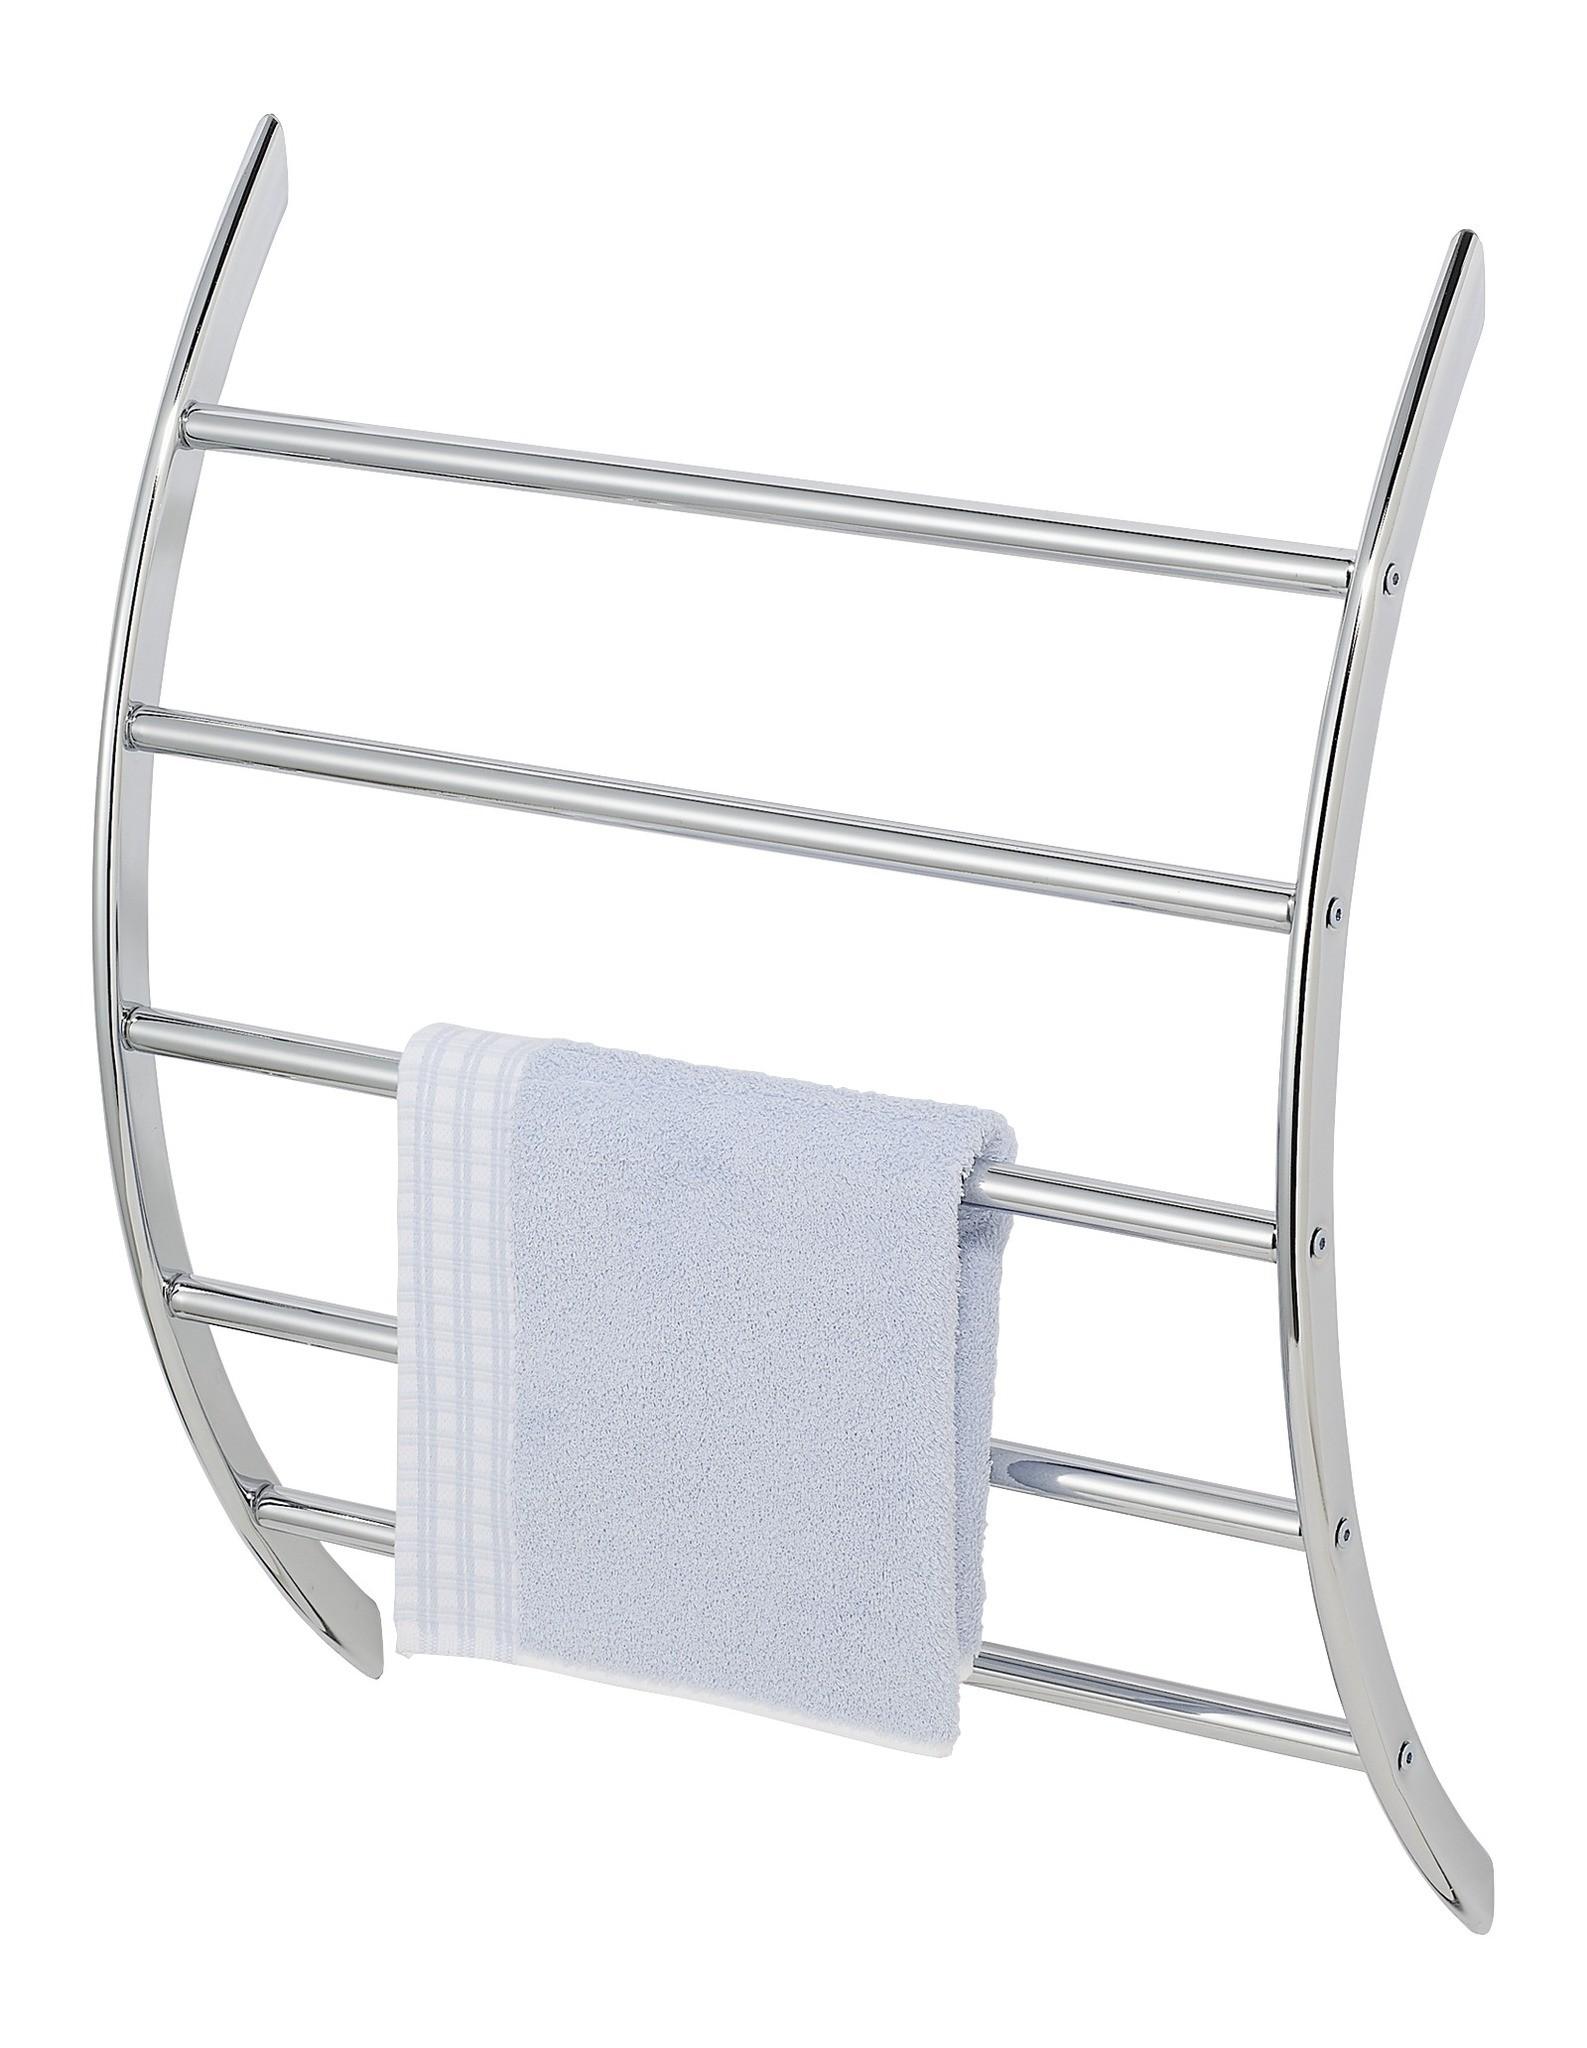 Exclusiv Wand-Handtuchhalter mit 5 Stangen